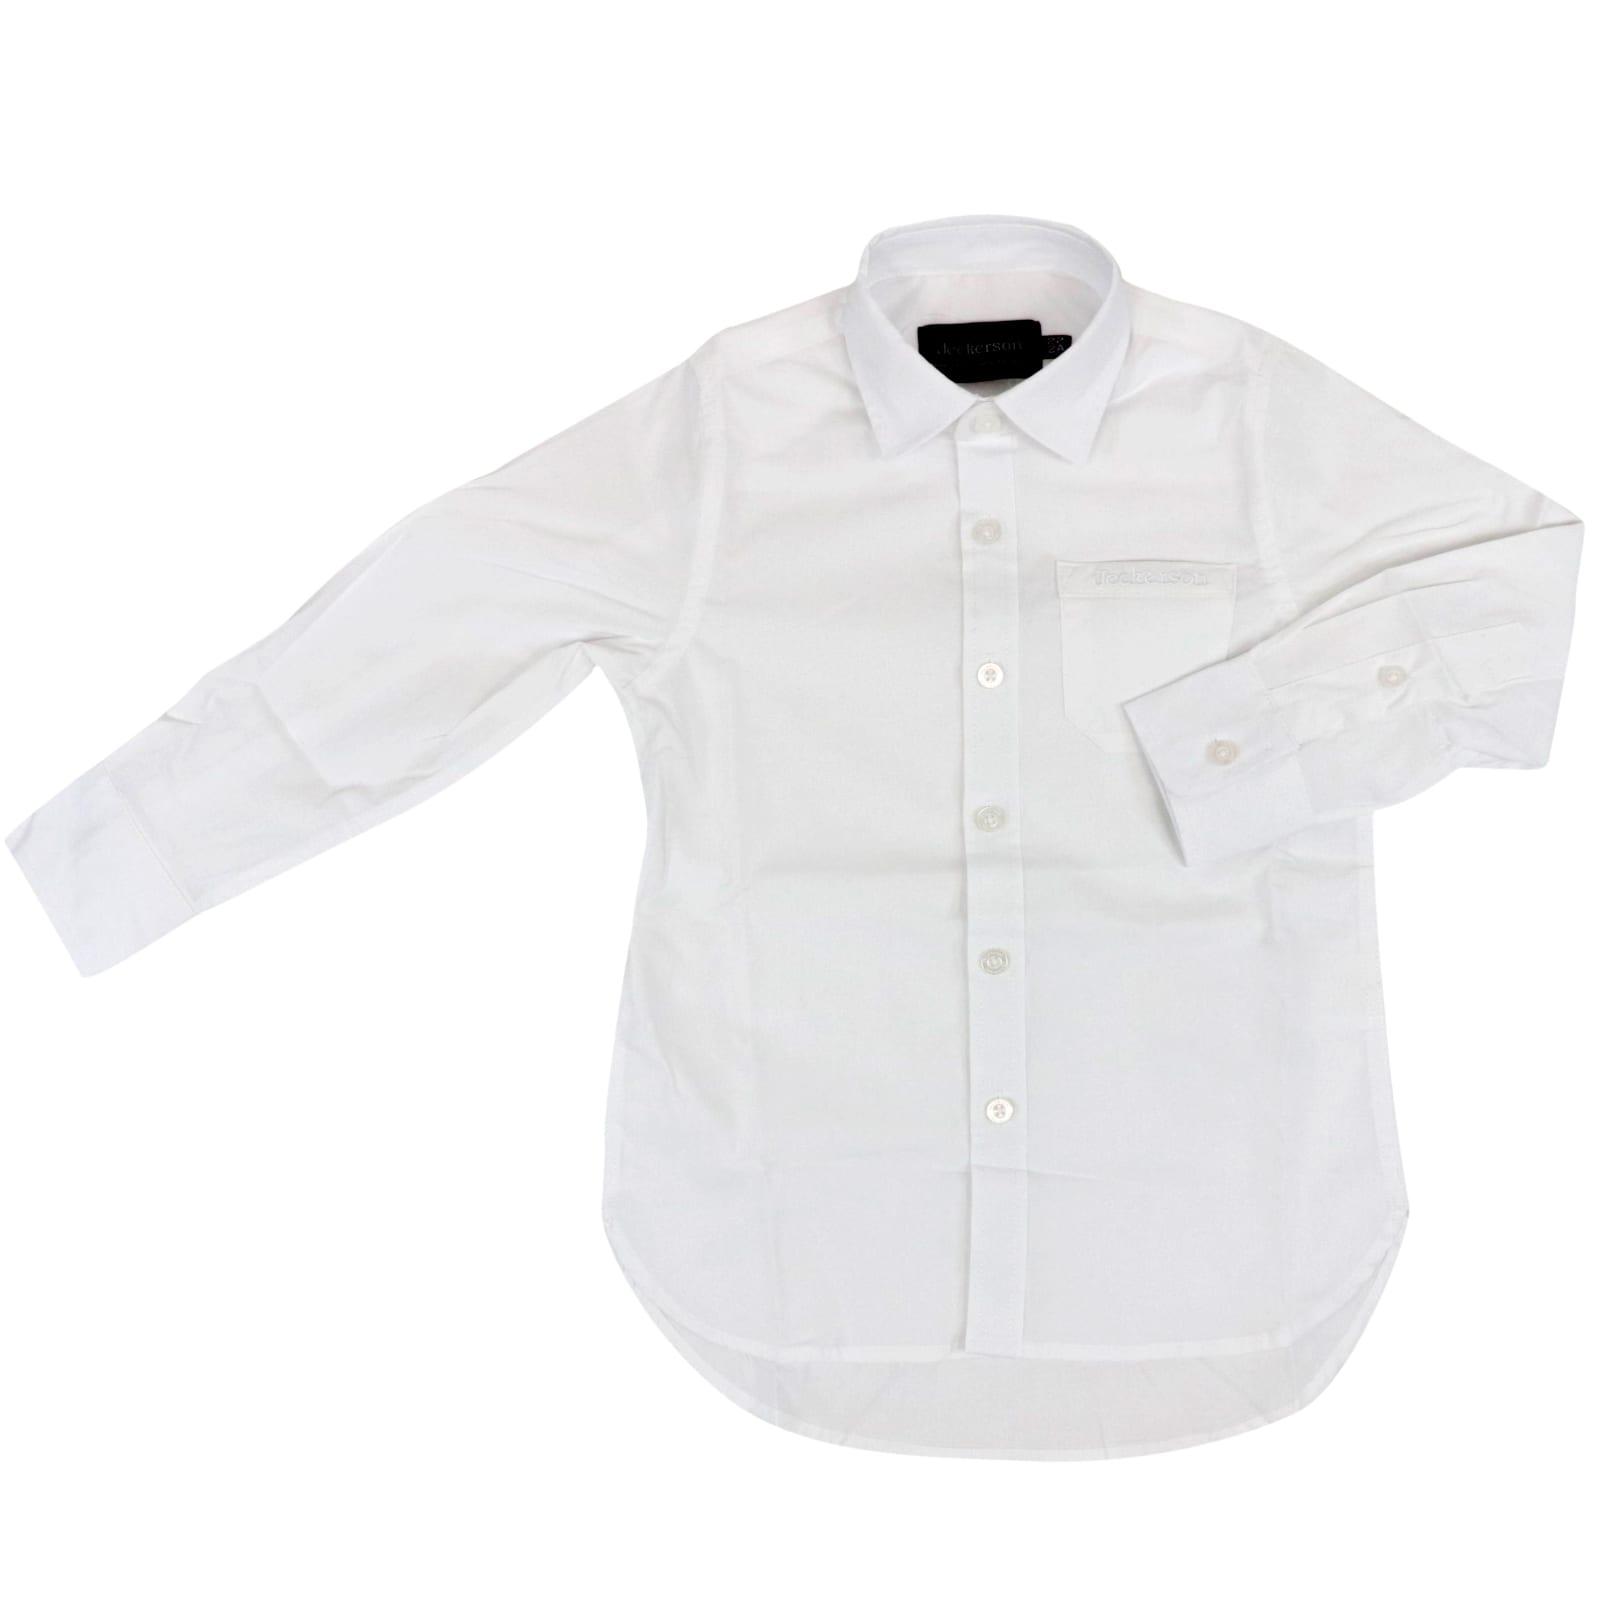 Jeckerson Kids' Cotton Shirt In White